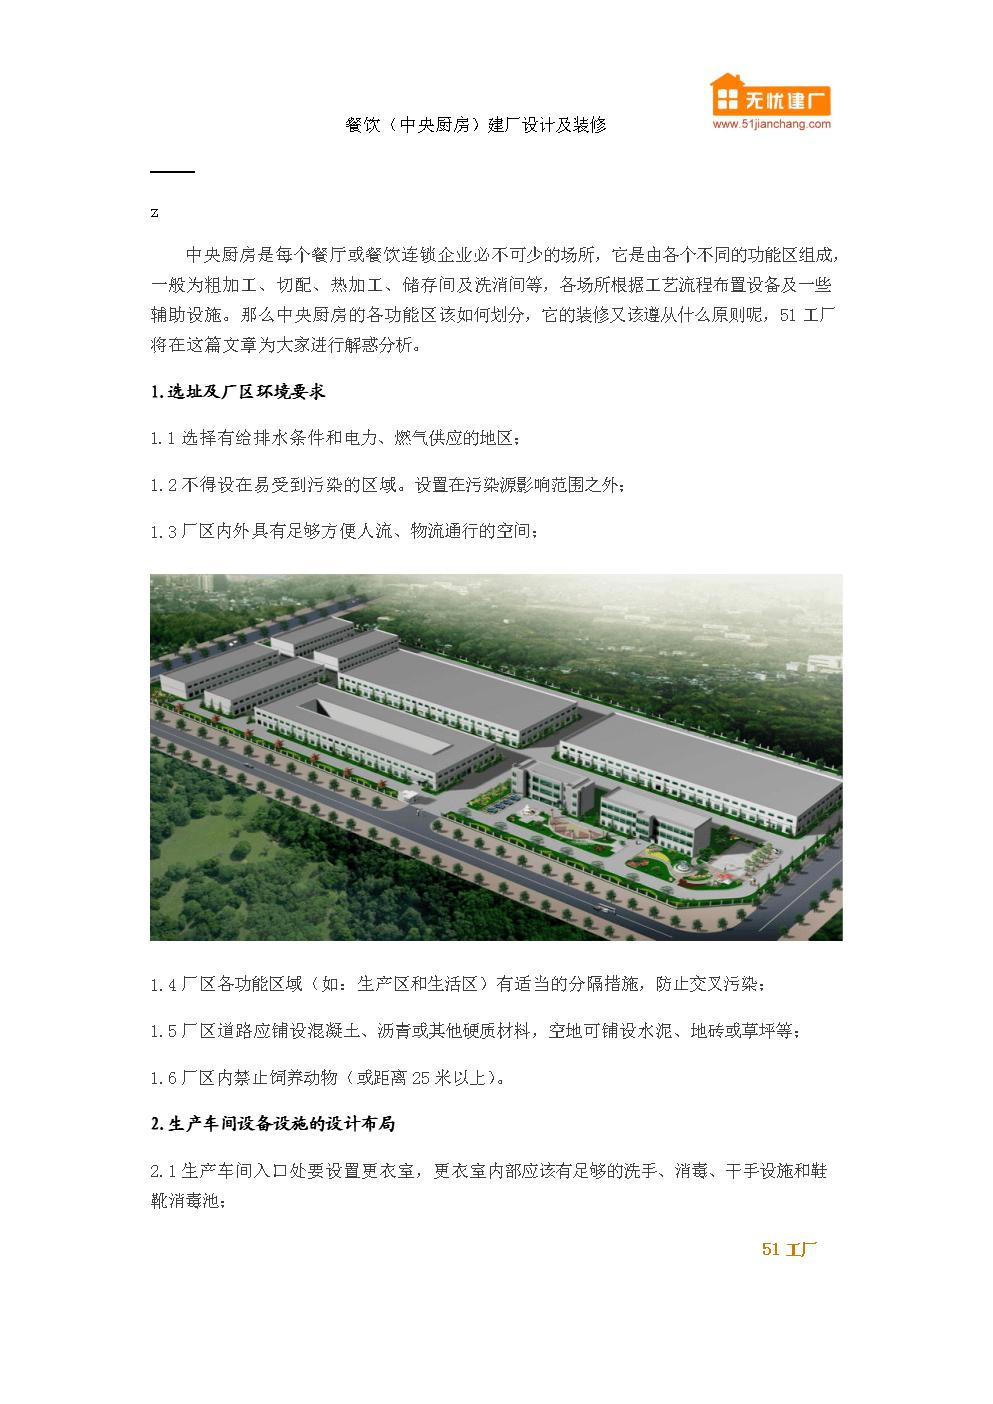 餐饮(中央厨房)建厂设计及装修要求.docx